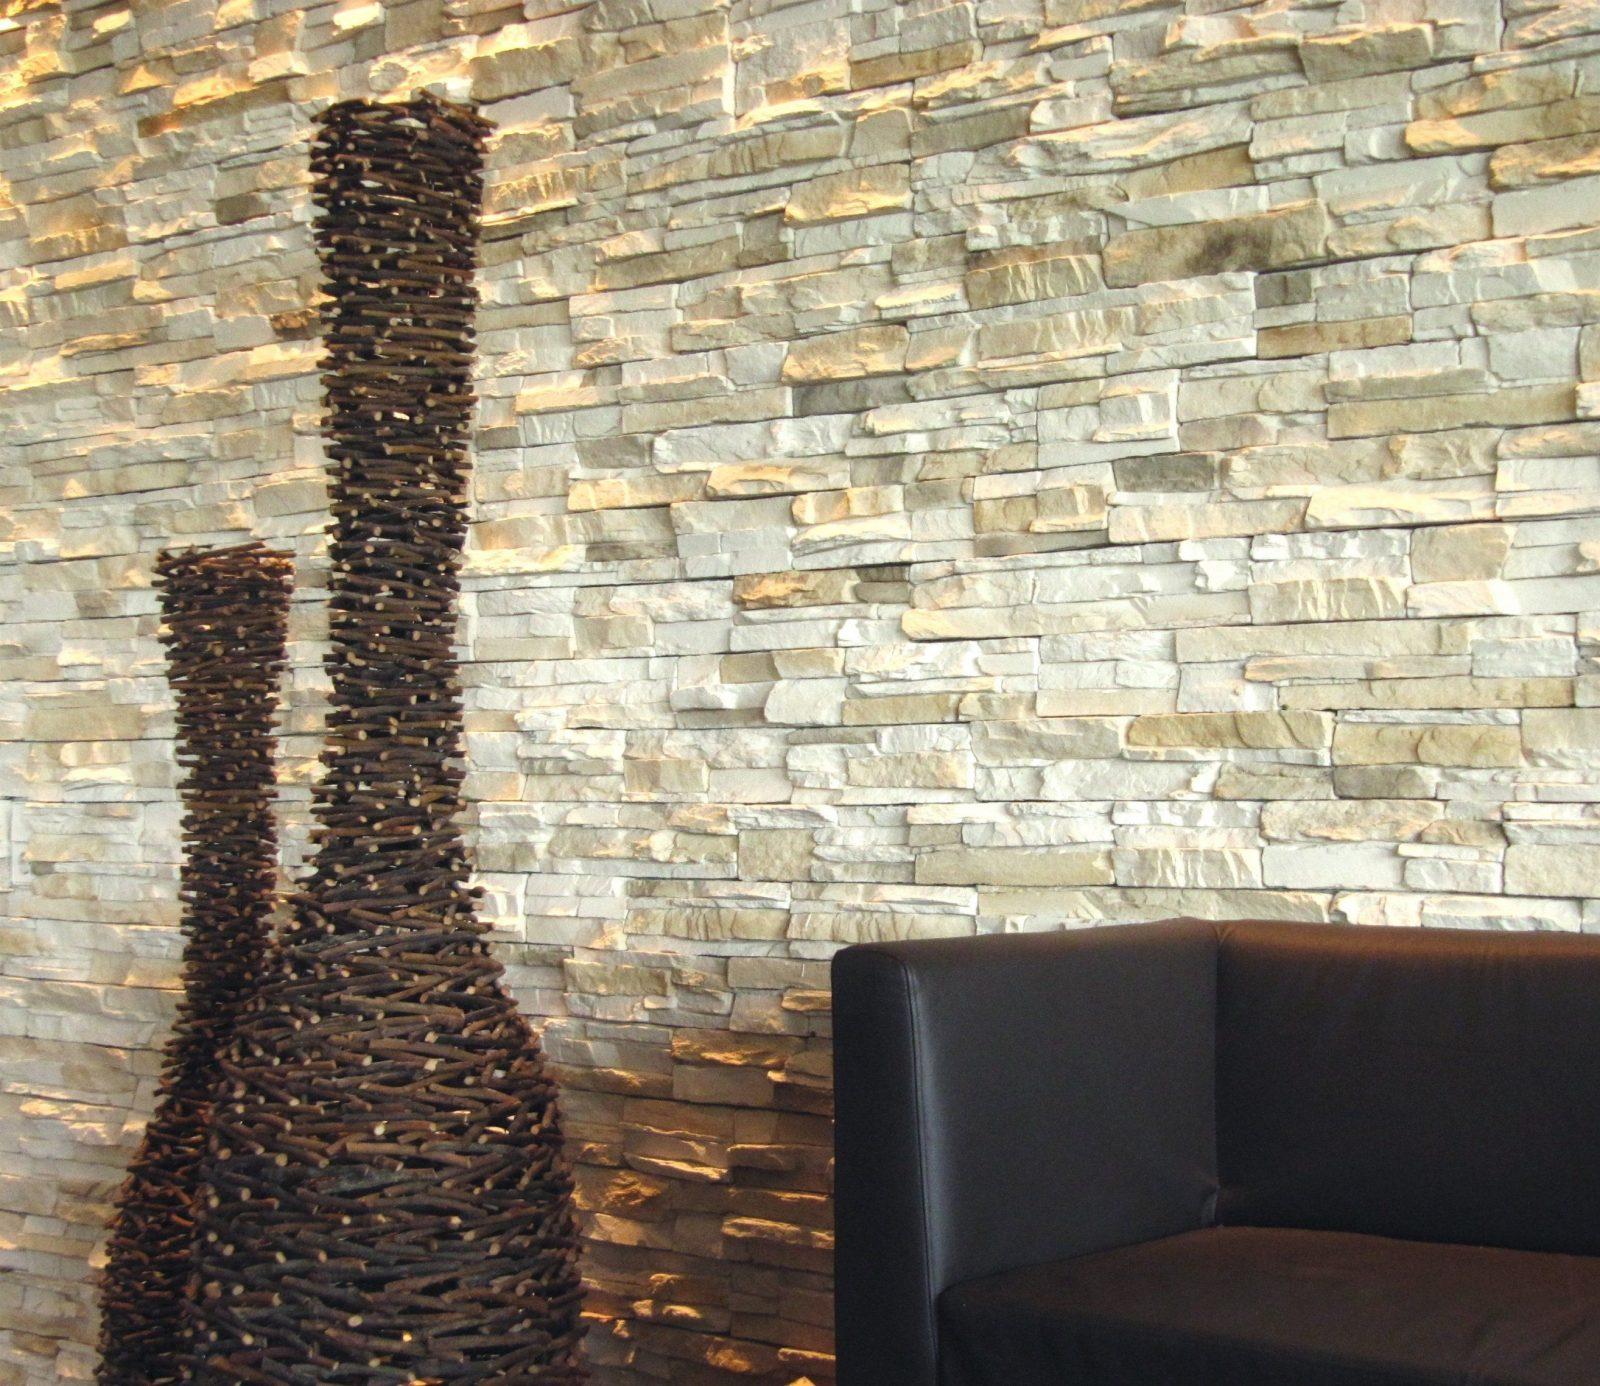 Interessant Wand Gestalten Mit Steinen  Kpelavrio von Wände Mit Steinen Gestalten Photo